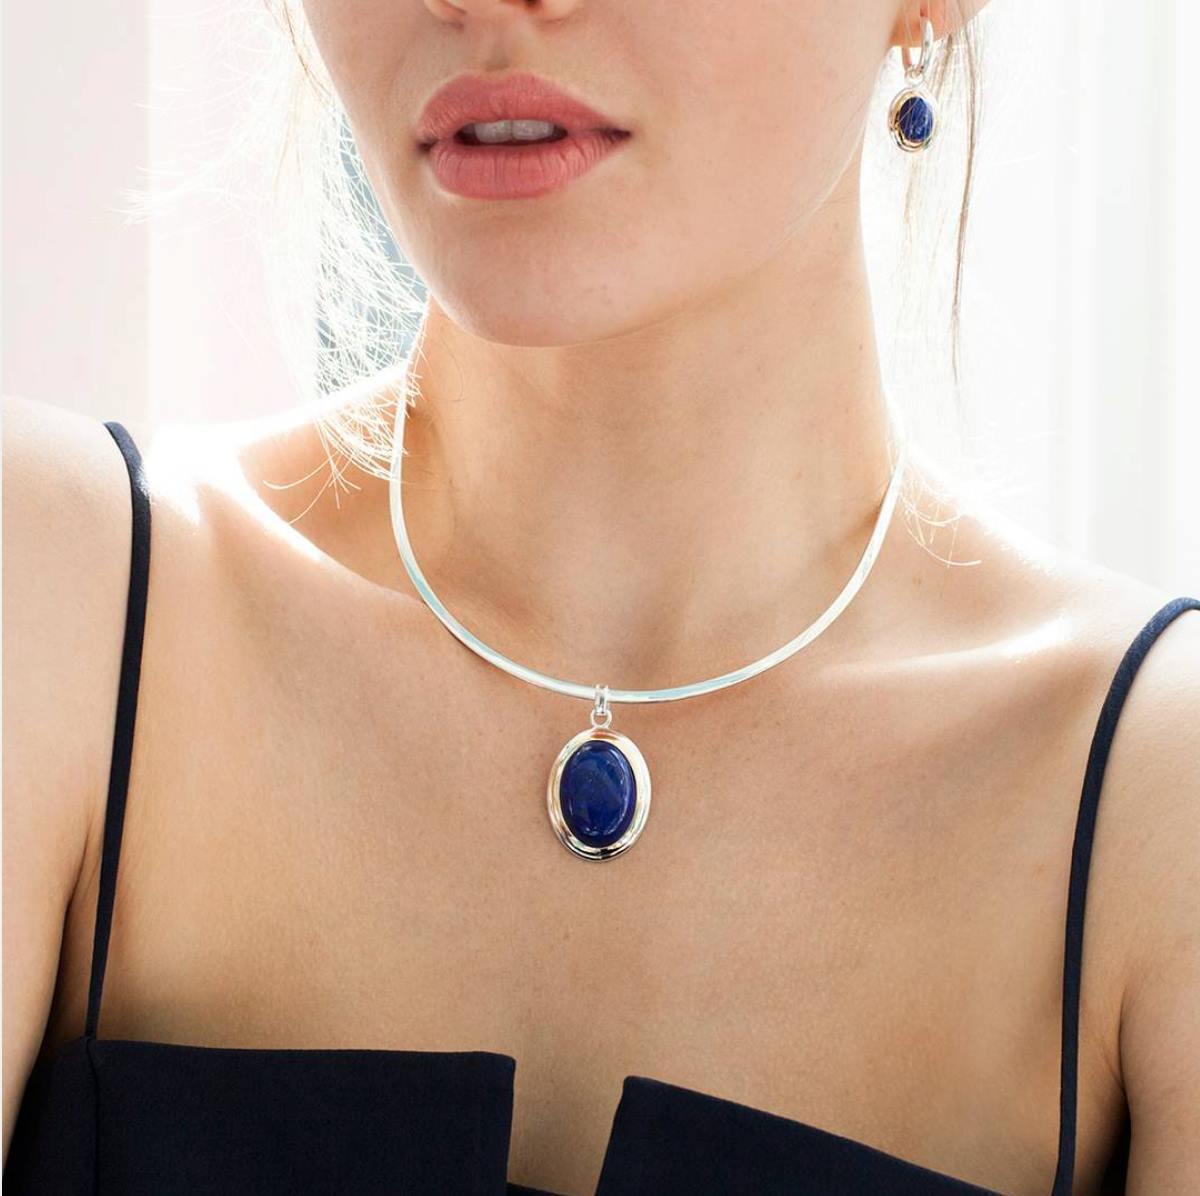 Najo lapus jewellery.jpg